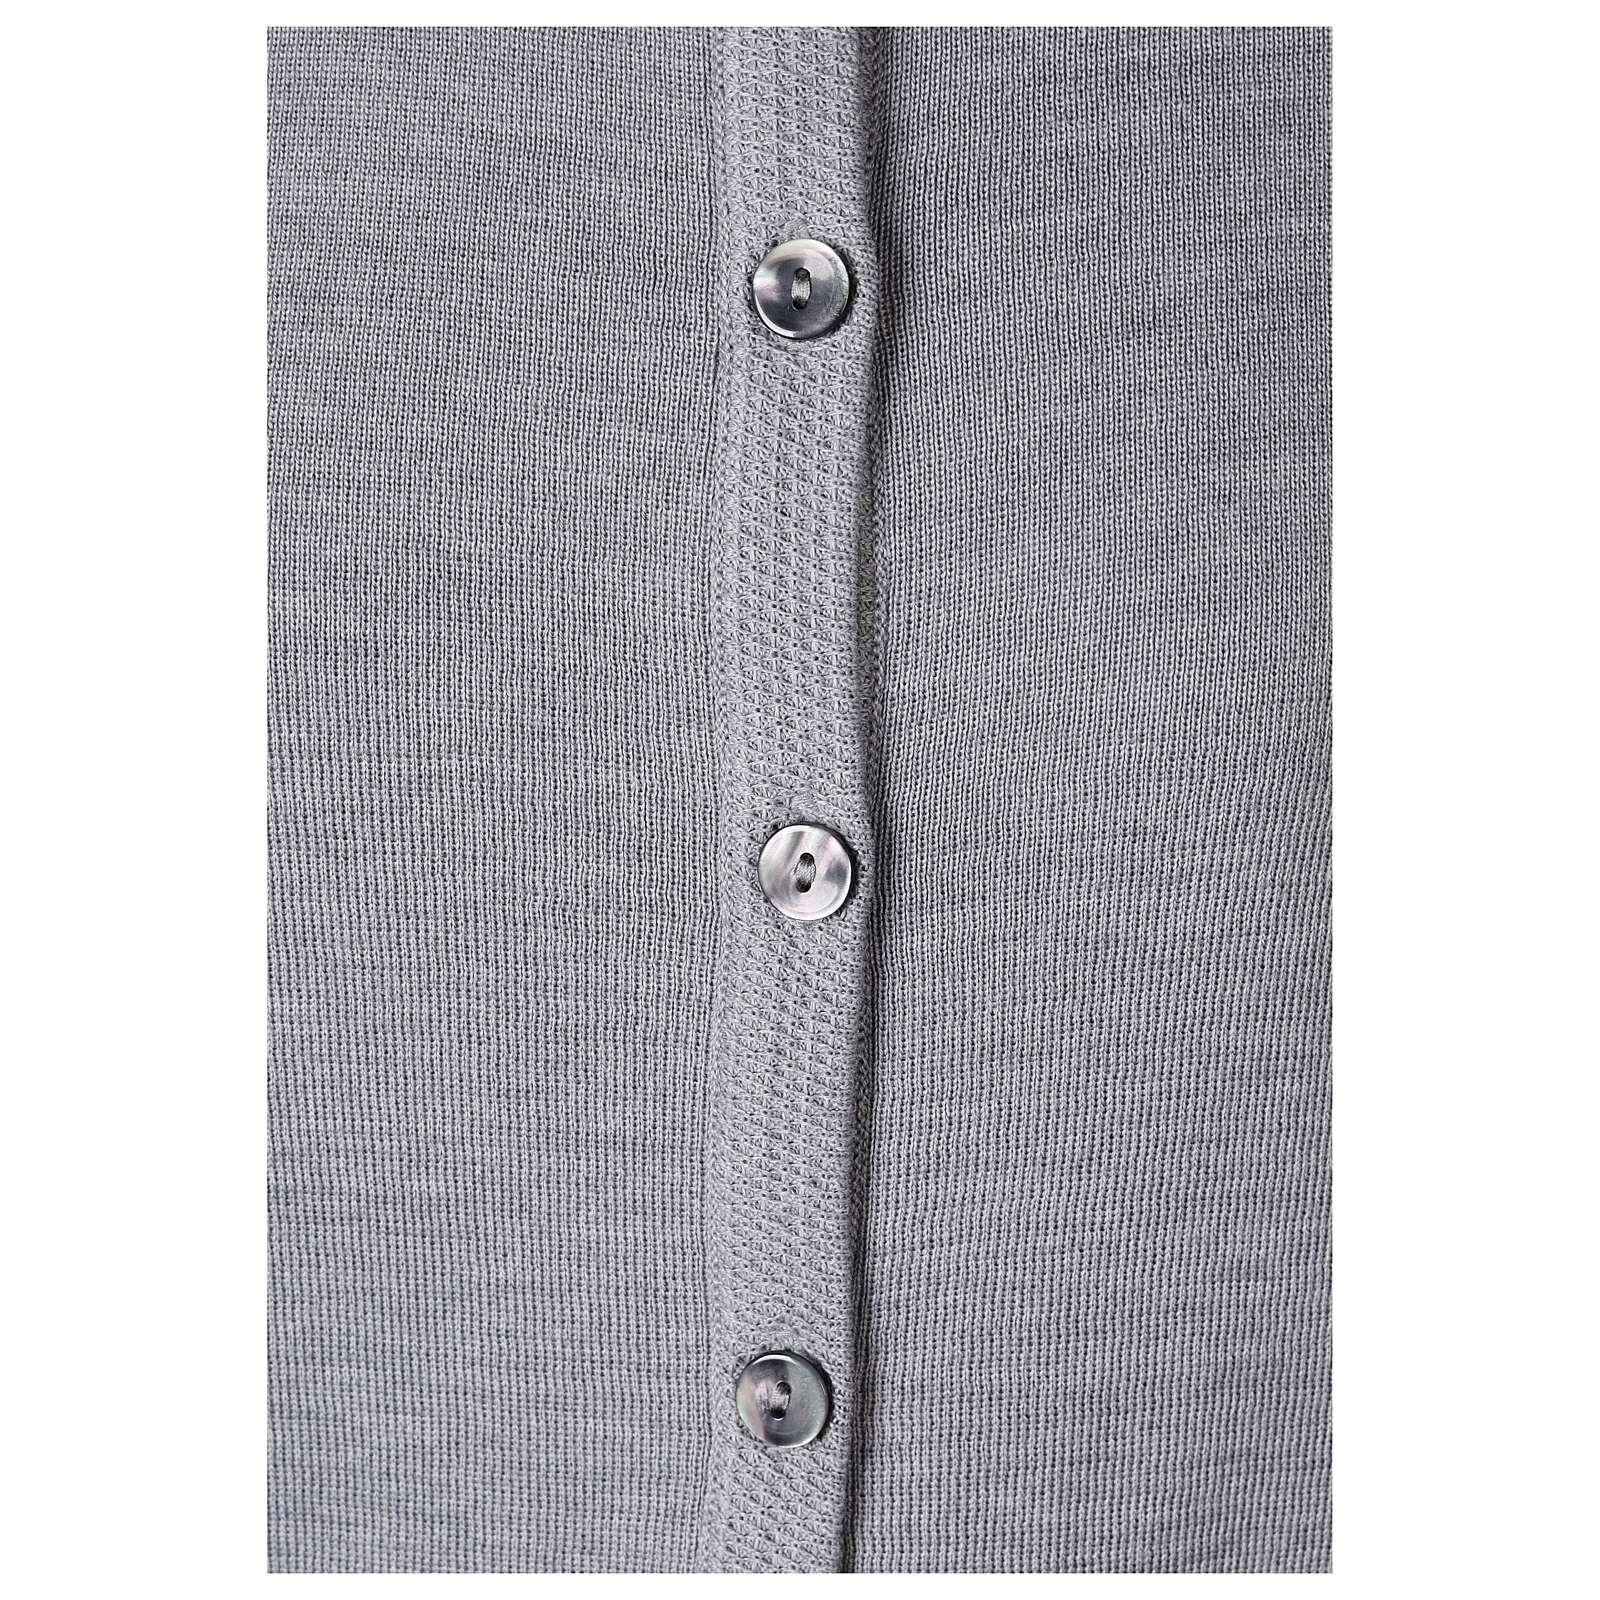 Cardigan soeur gris perle ras du cou poches jersey 50% acrylique 50% laine mérinos In Primis 4